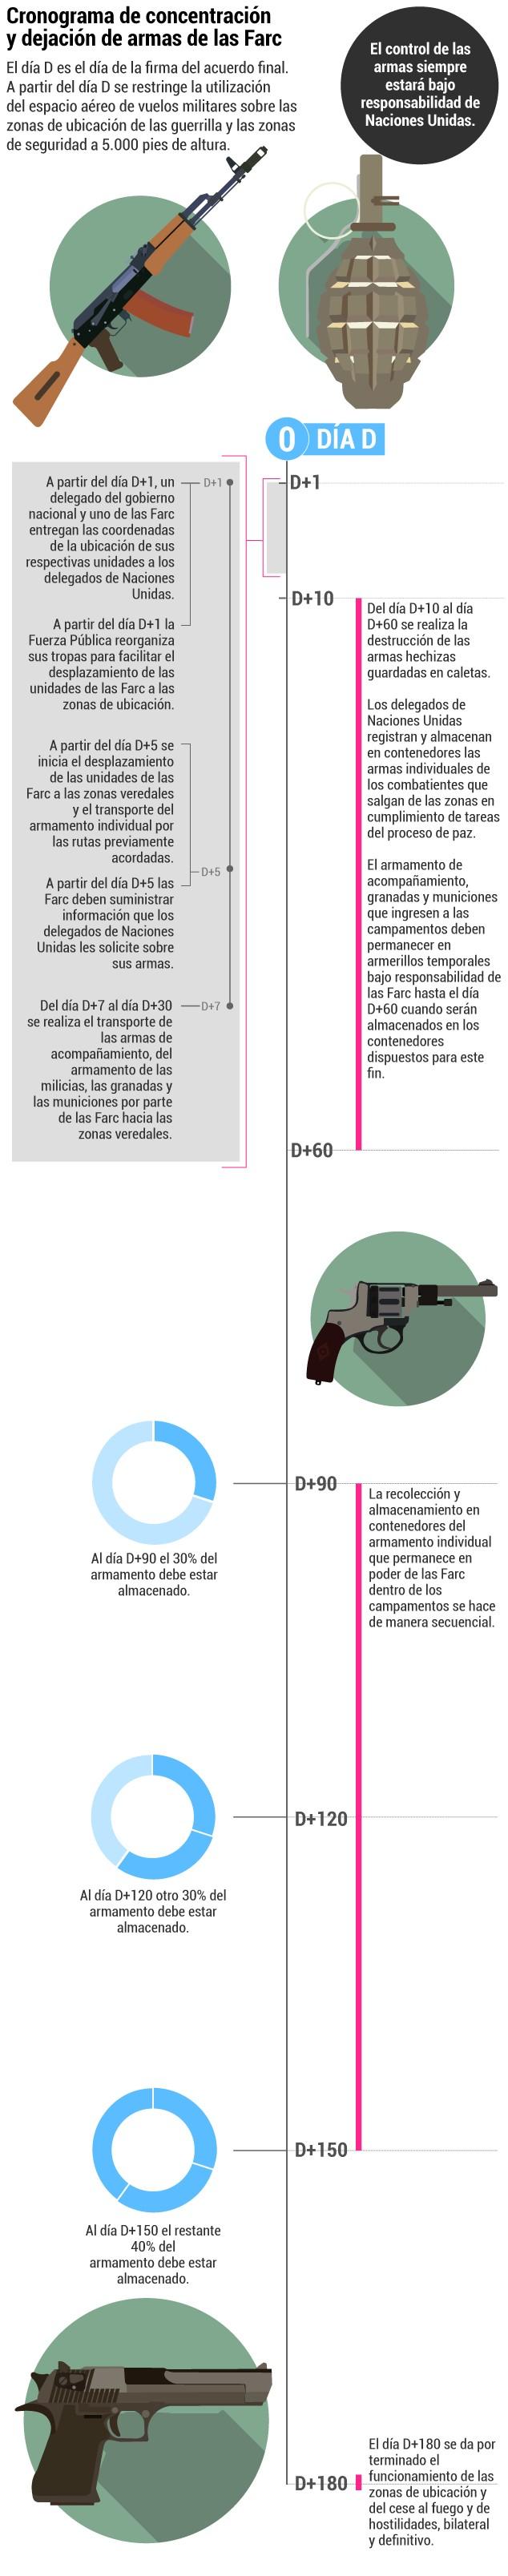 Calendario Laboral 2019 Ingenio Más Arriba-a-fecha Colombia Por Una Paz Estable Y Duradera Junio 2016 Of Calendario Laboral 2019 Ingenio Actual Caceres 2019 06 05